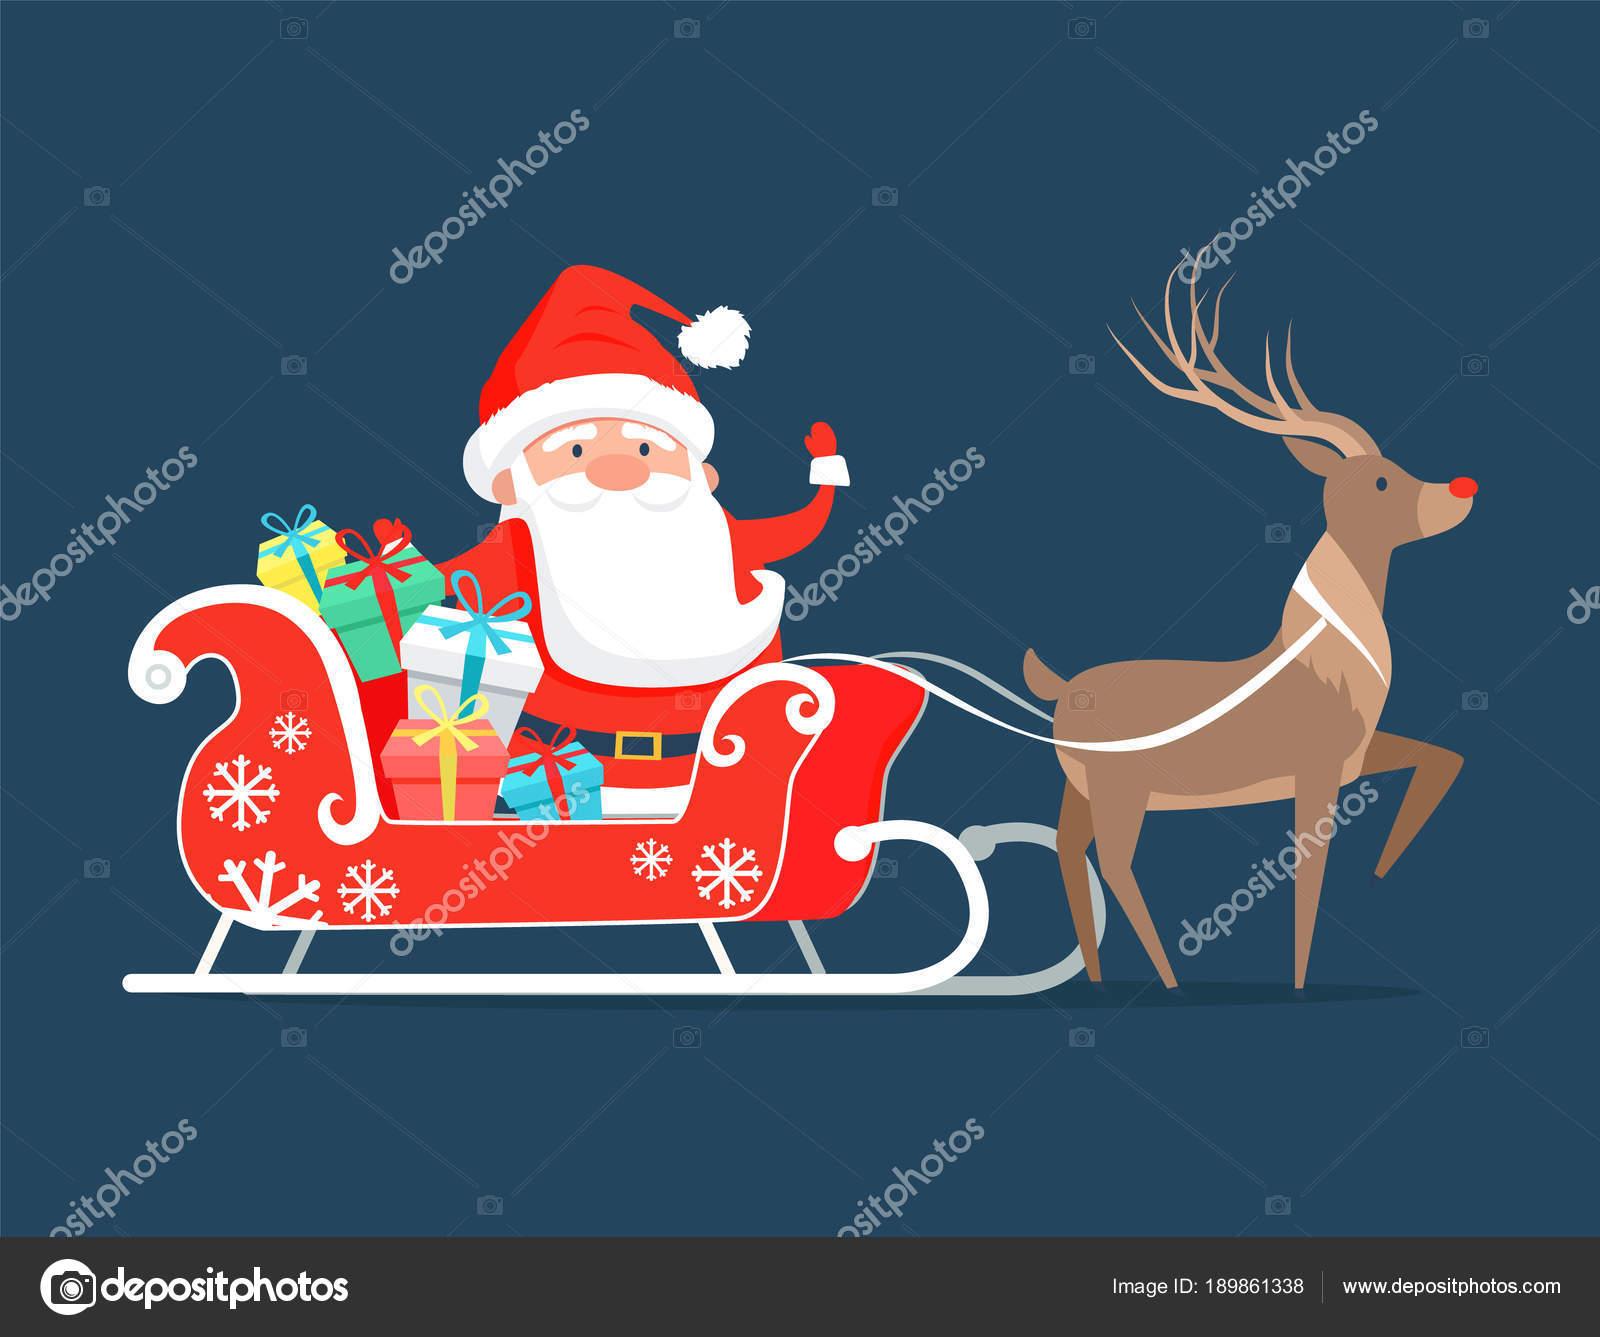 Immagini Babbo Natale Con Renne.Immagini Santa Claus Sulla Slitta Babbo Natale Sulla